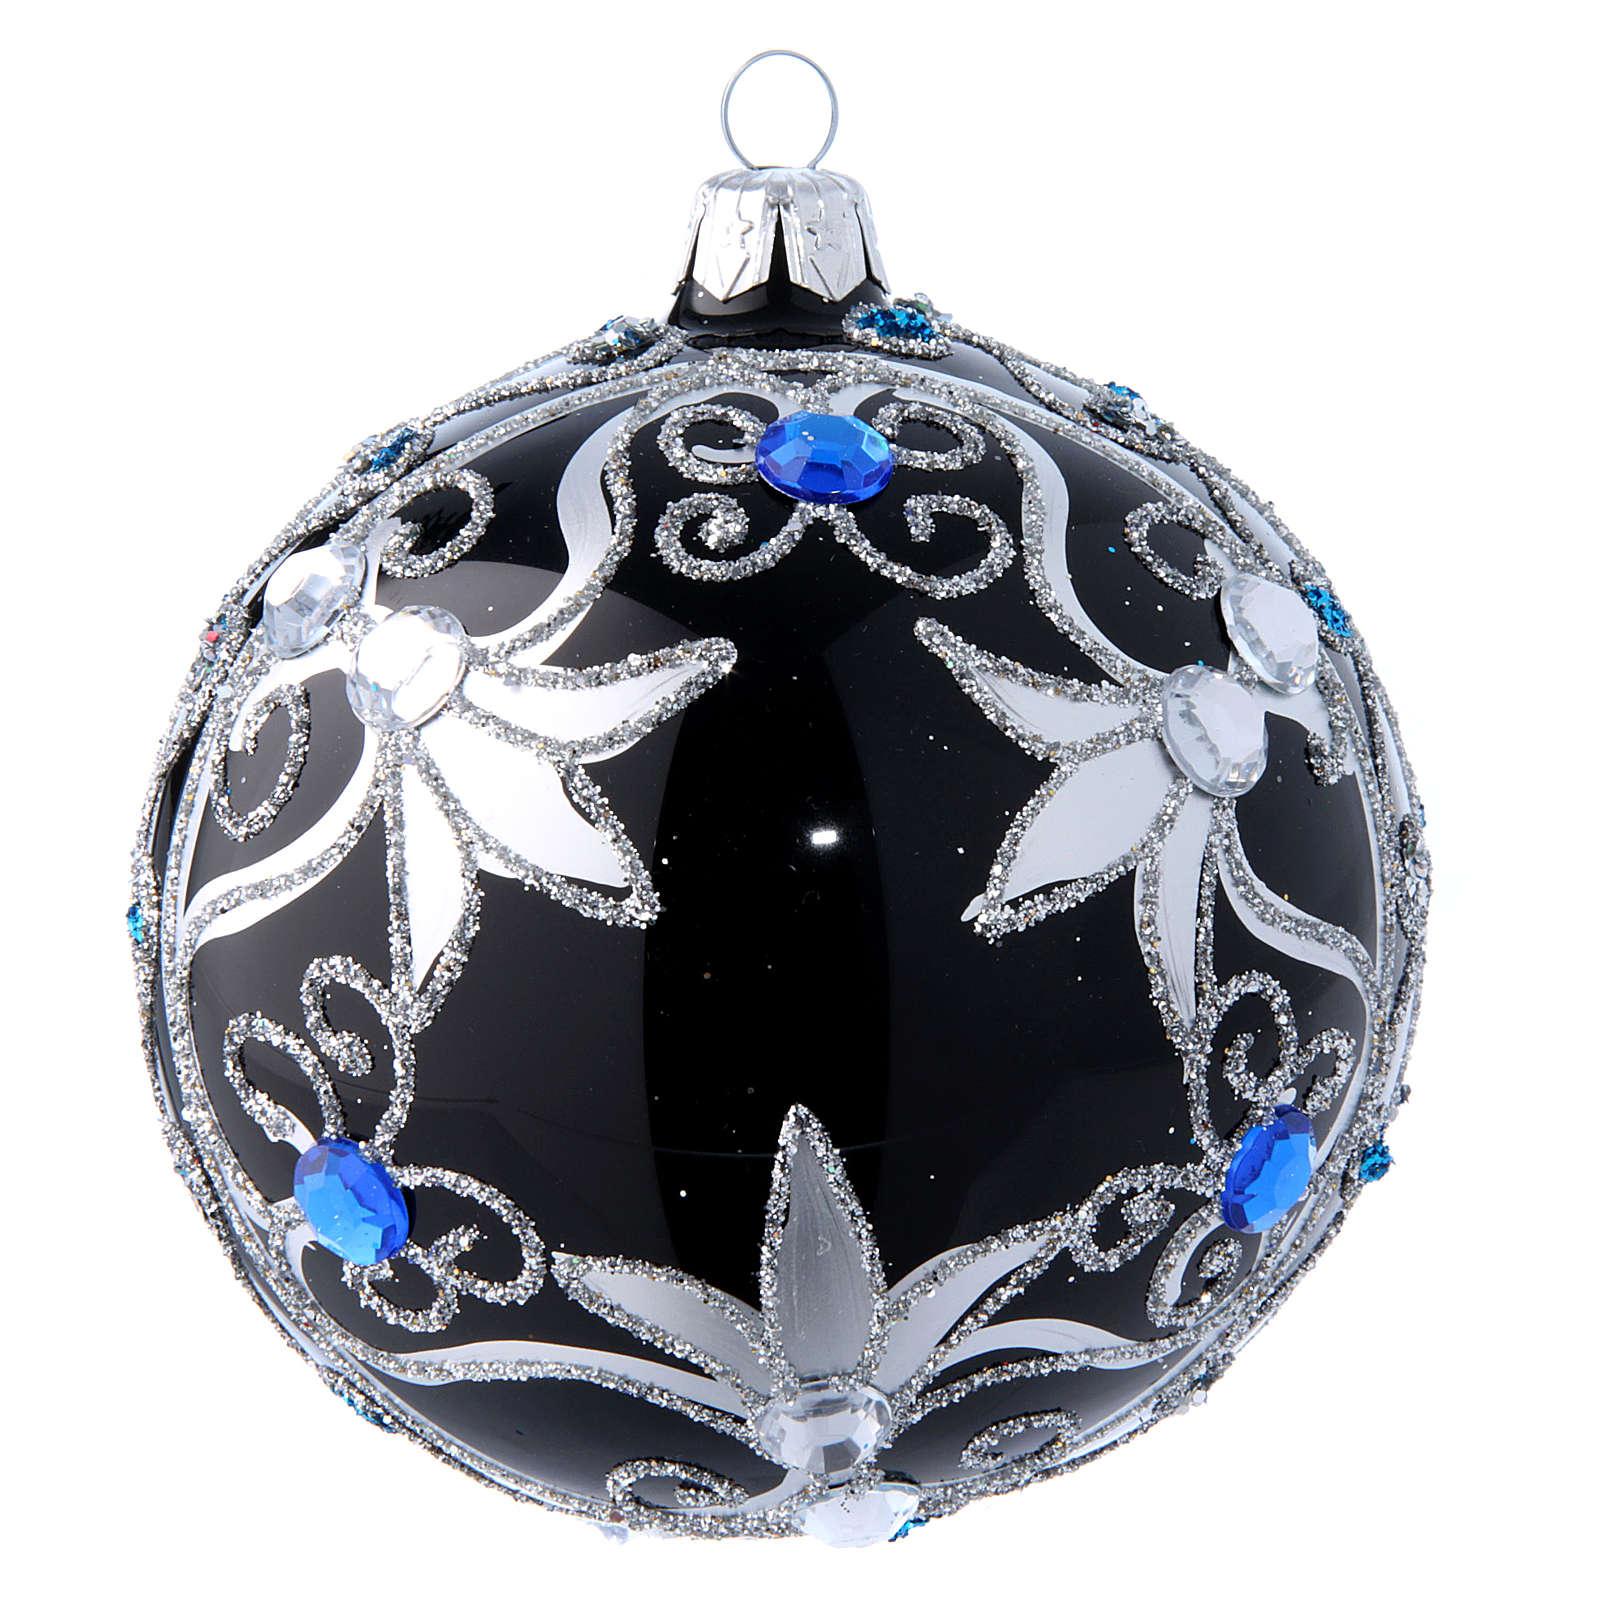 Pallina vetro decoro nero e argento 100 mm 4